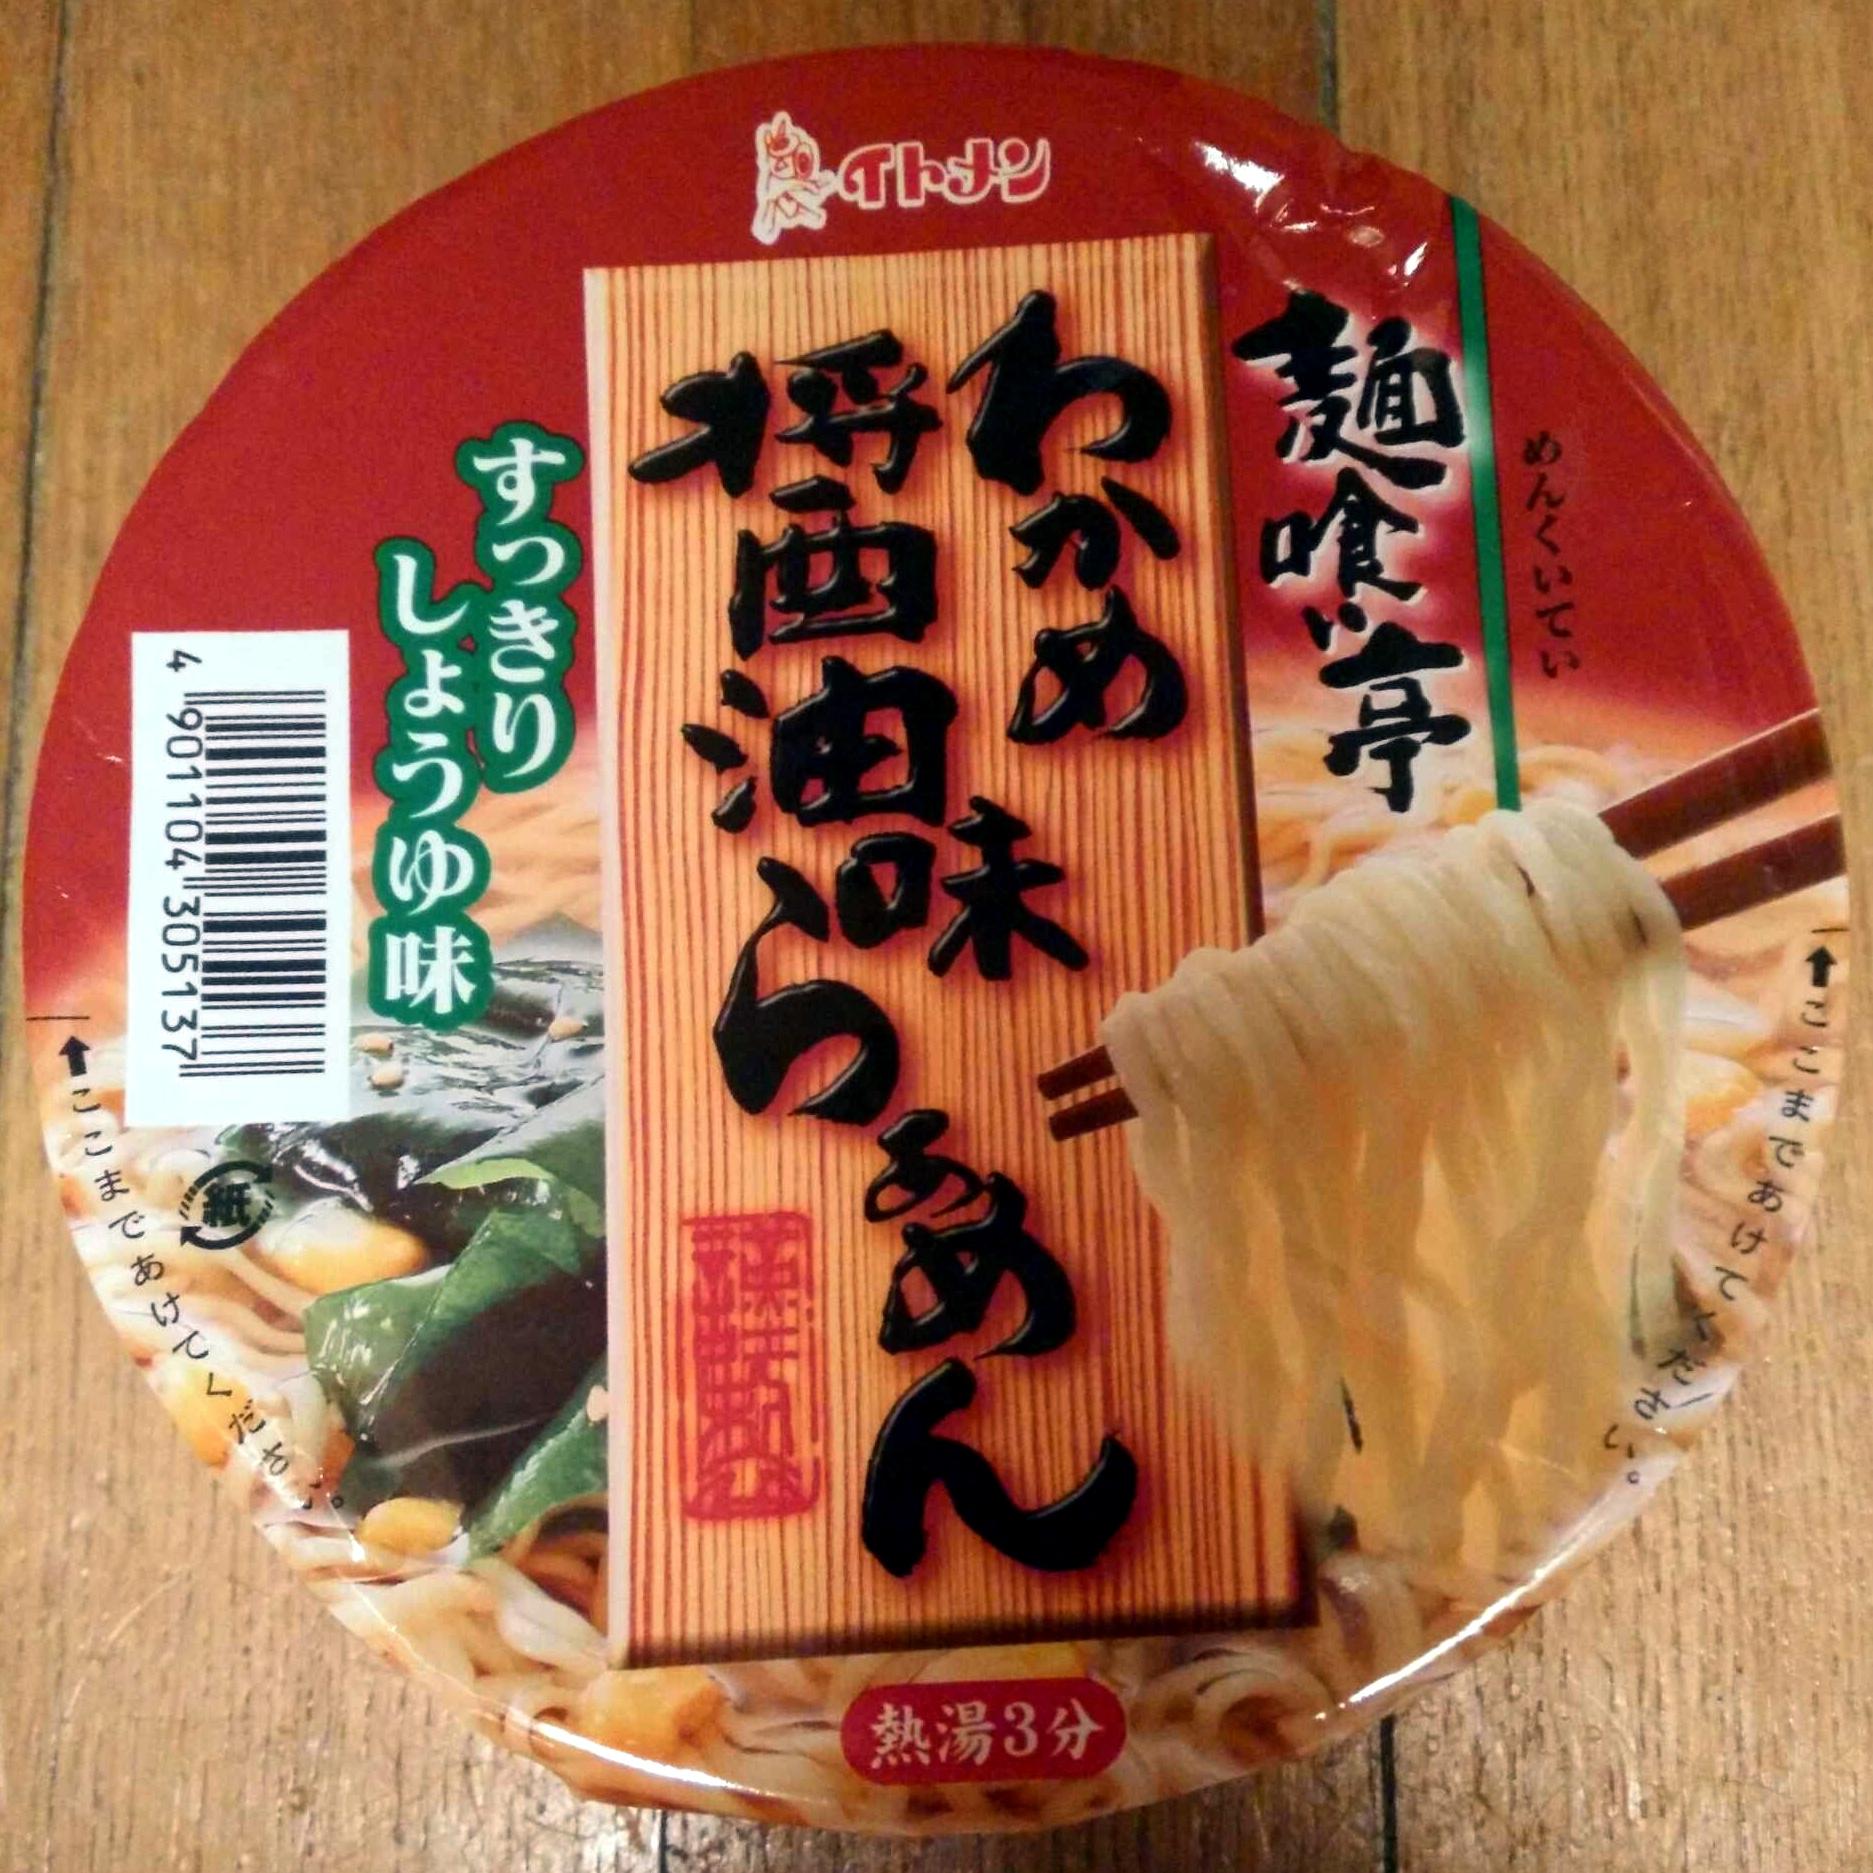 わかめ醤油らぁめん - Product